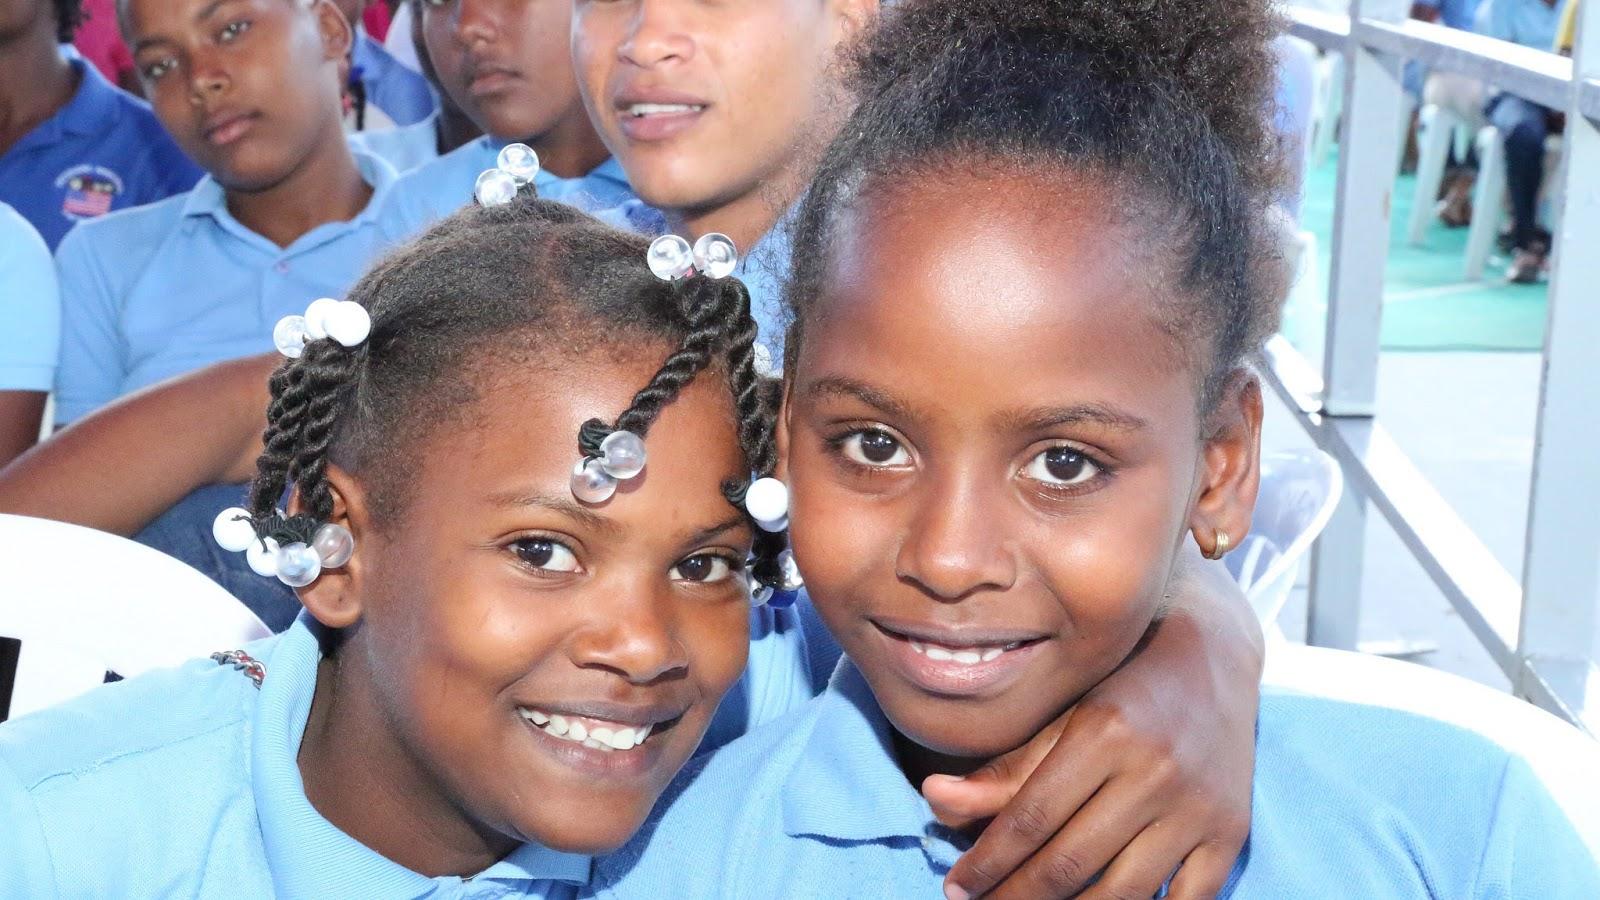 En Bahoruco y Barahona se fortalece Jornada Escolar Extendida; Danilo entrega dos escuelas